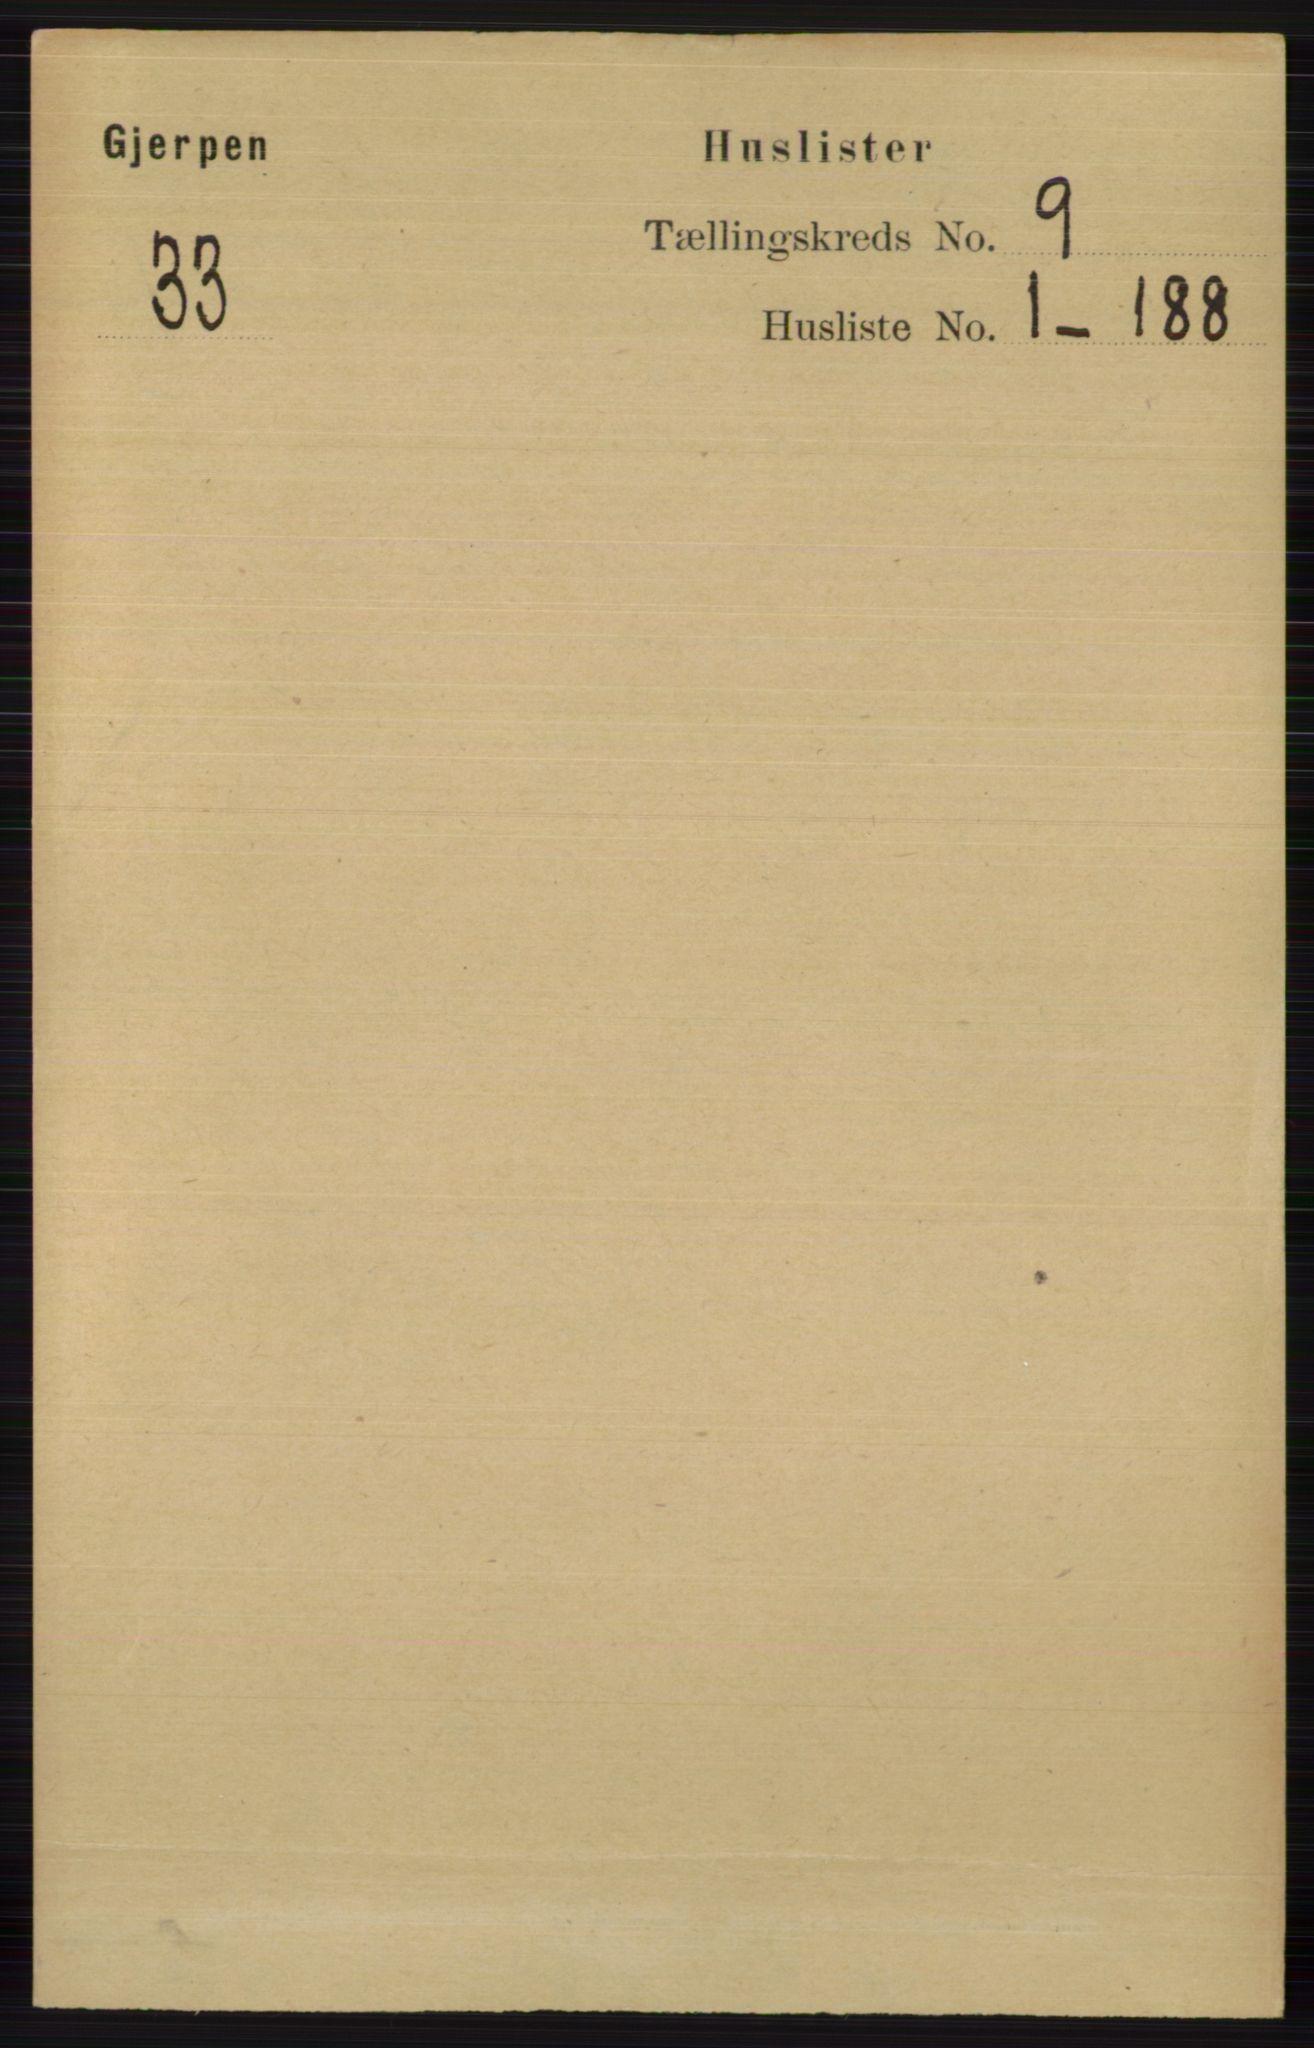 RA, Folketelling 1891 for 0812 Gjerpen herred, 1891, s. 4764